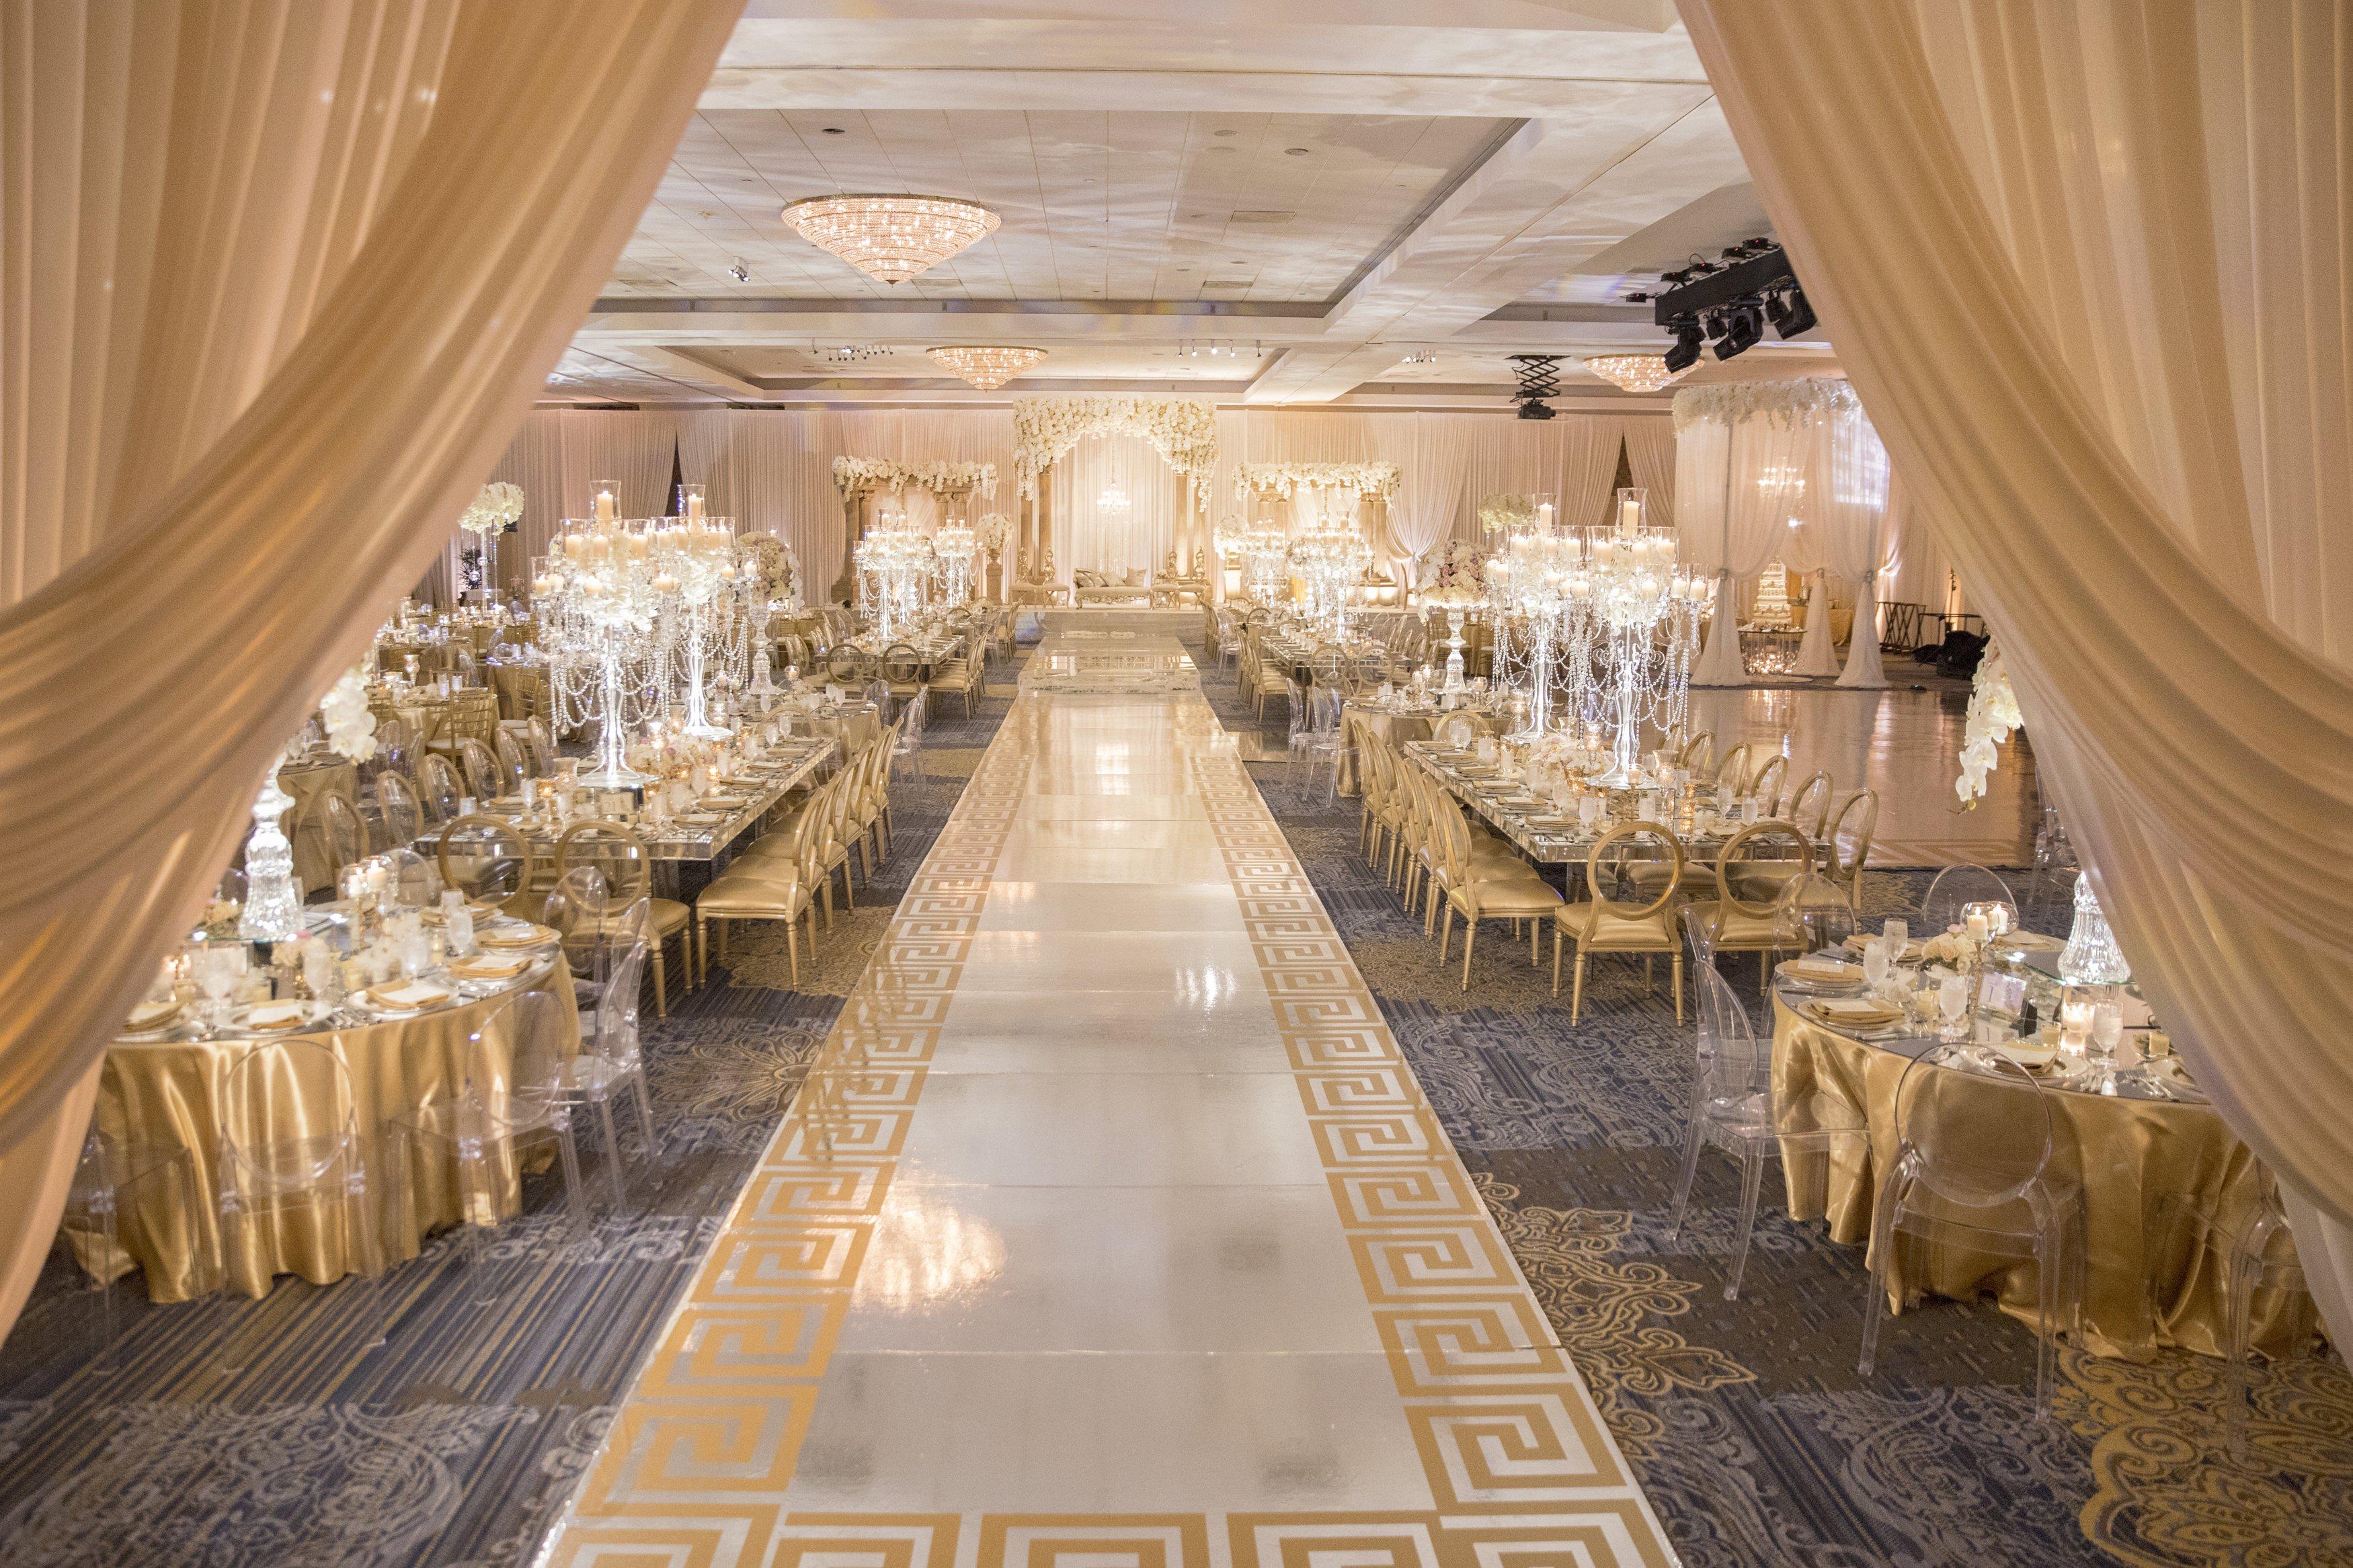 Peabody Hotel Memphis: Elegant wedding venue with unique ...